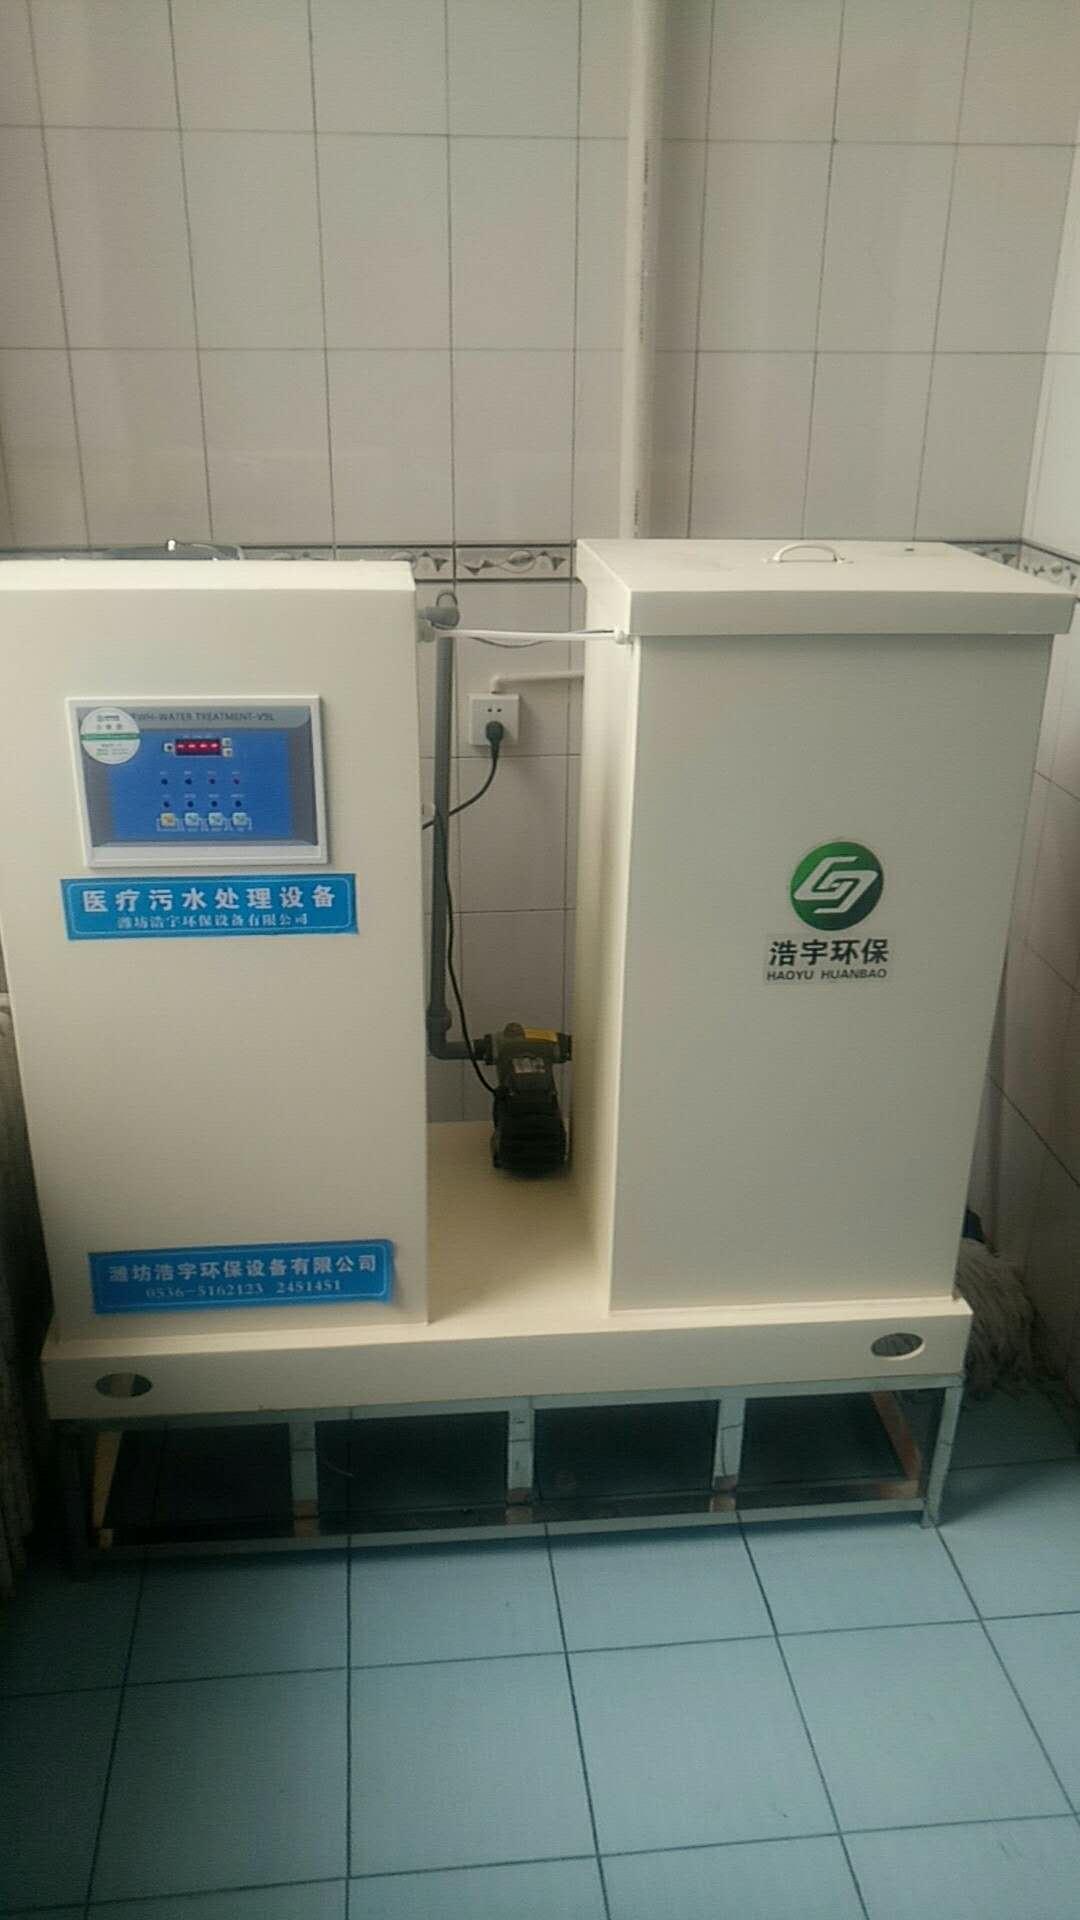 小型鄉鎮衛生院污水處理設備 <br> 全新  價格:5500 <br> <img src=http://k.kqzp.cn/img/up/img/5f97b6386676a.jpg